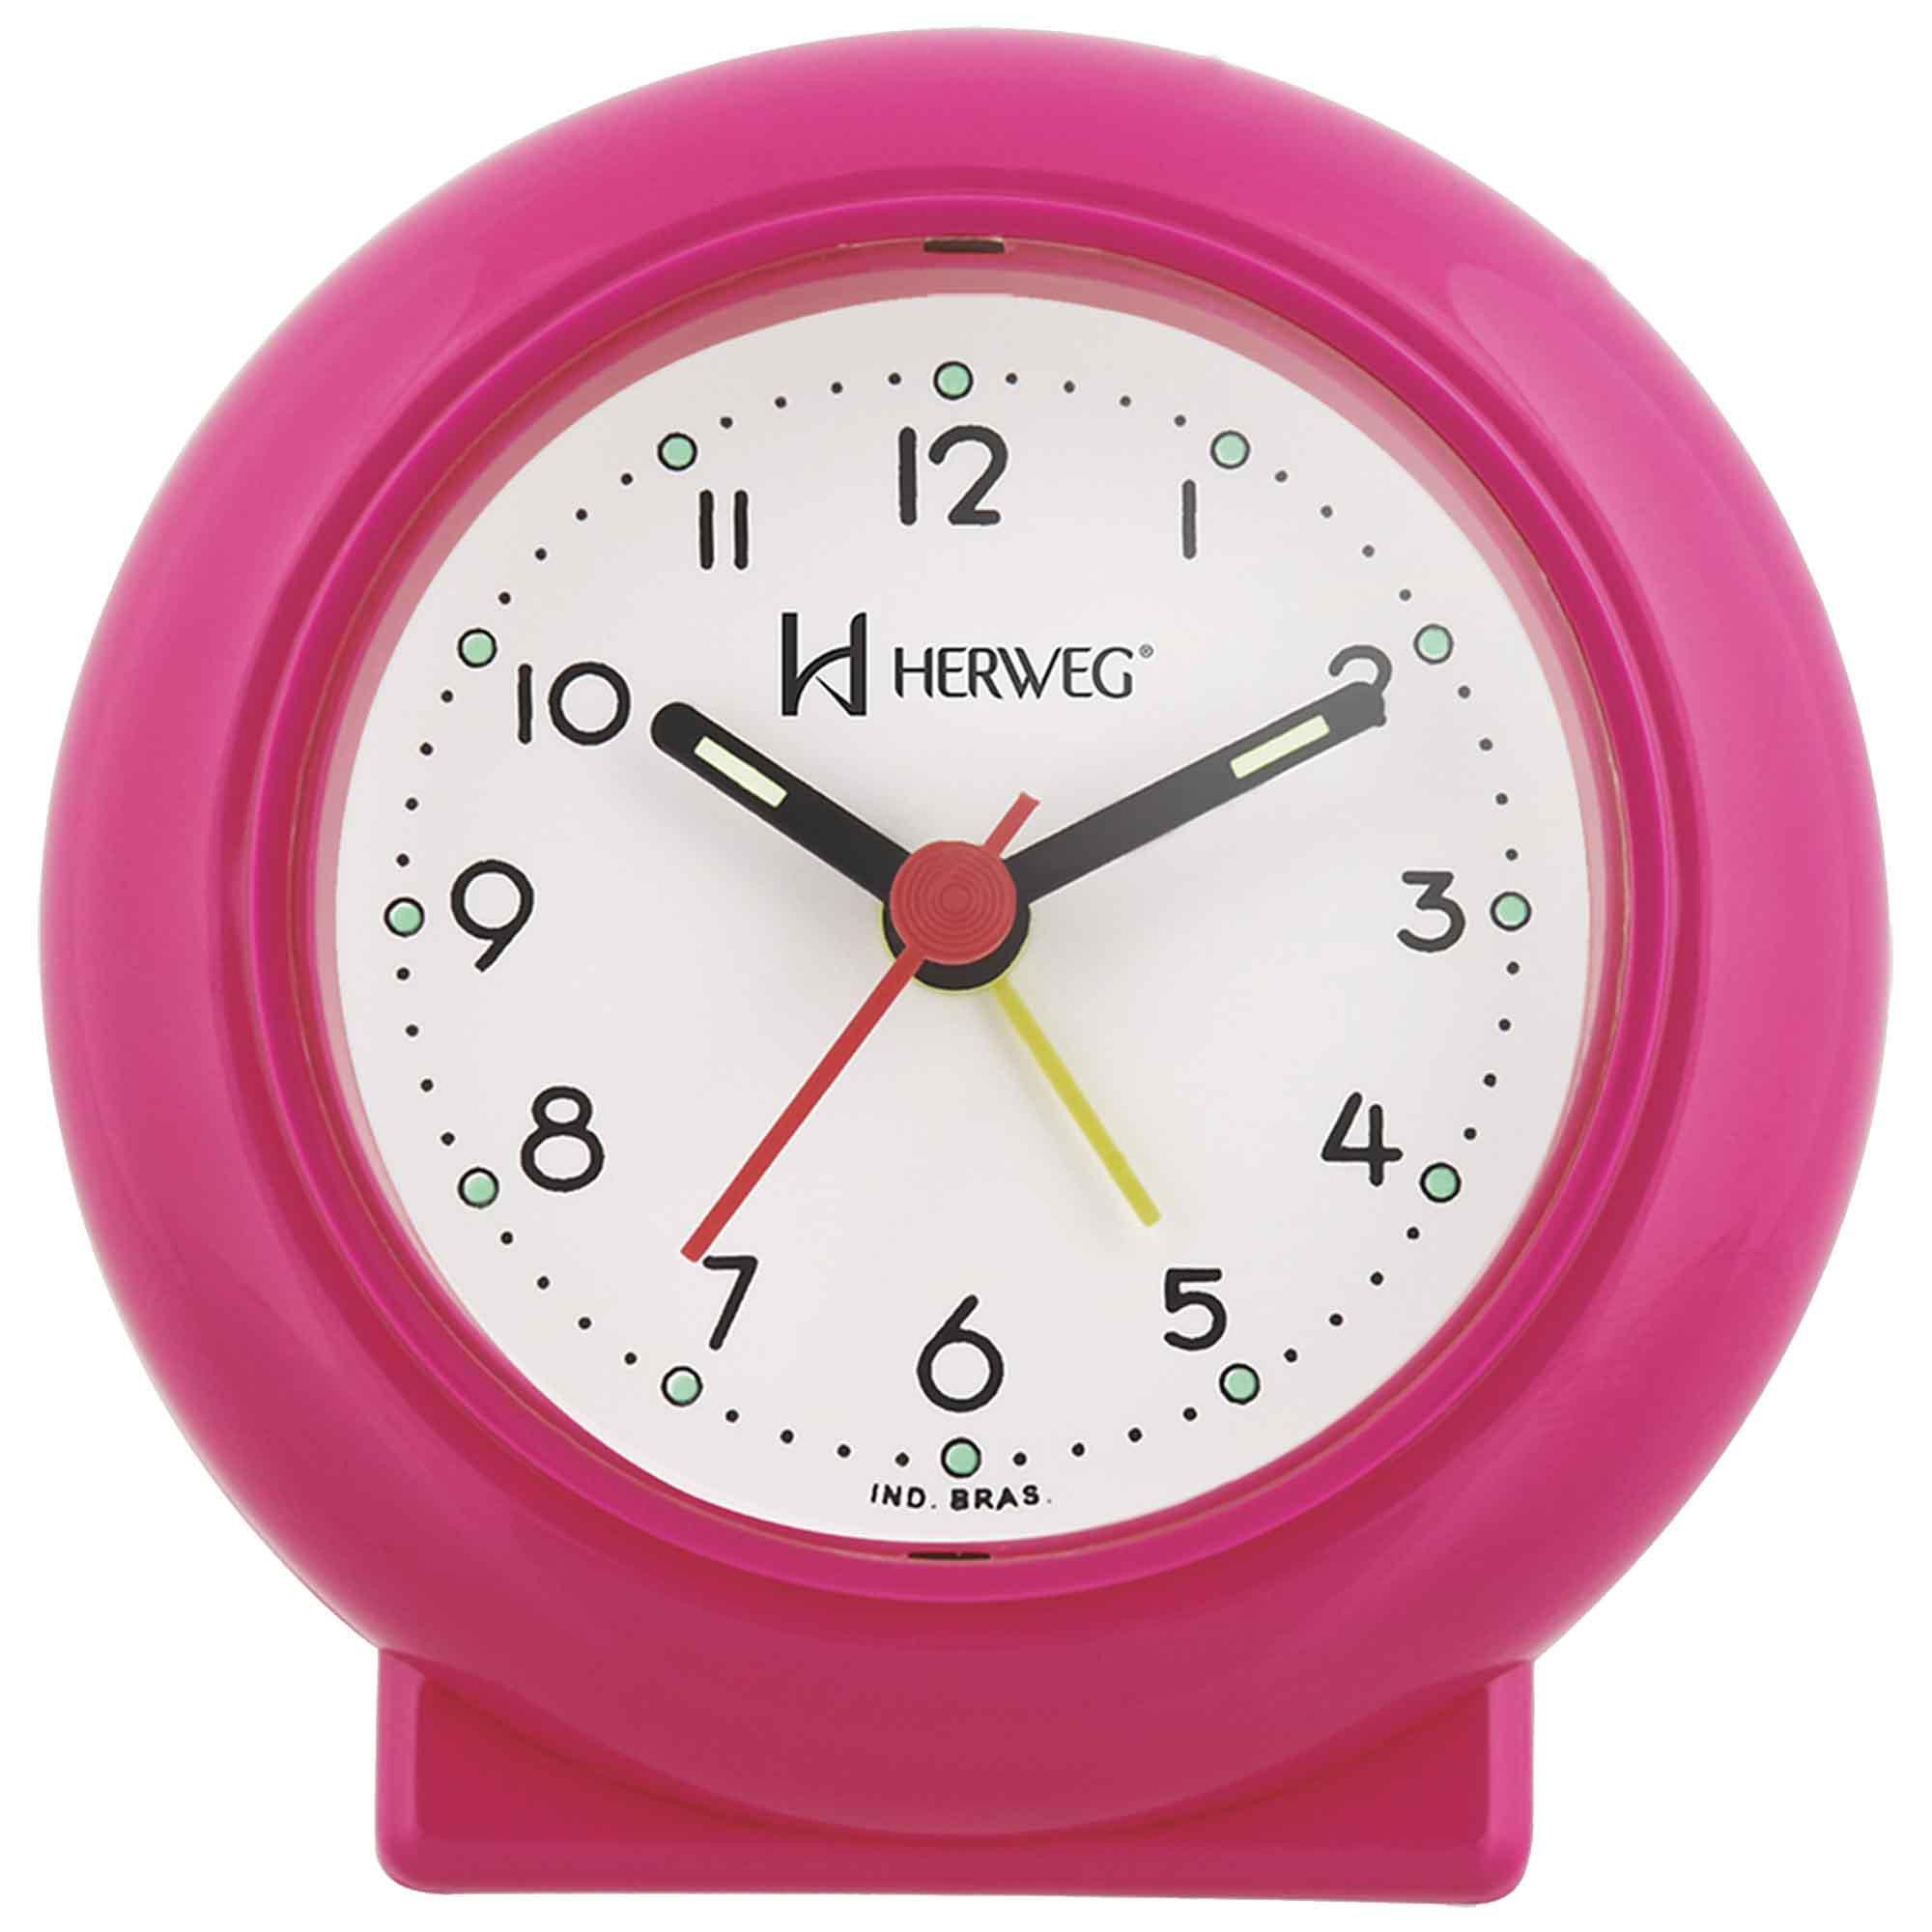 Despertador Analógico Quartzo Herweg 2611 188 Rosa Papoula